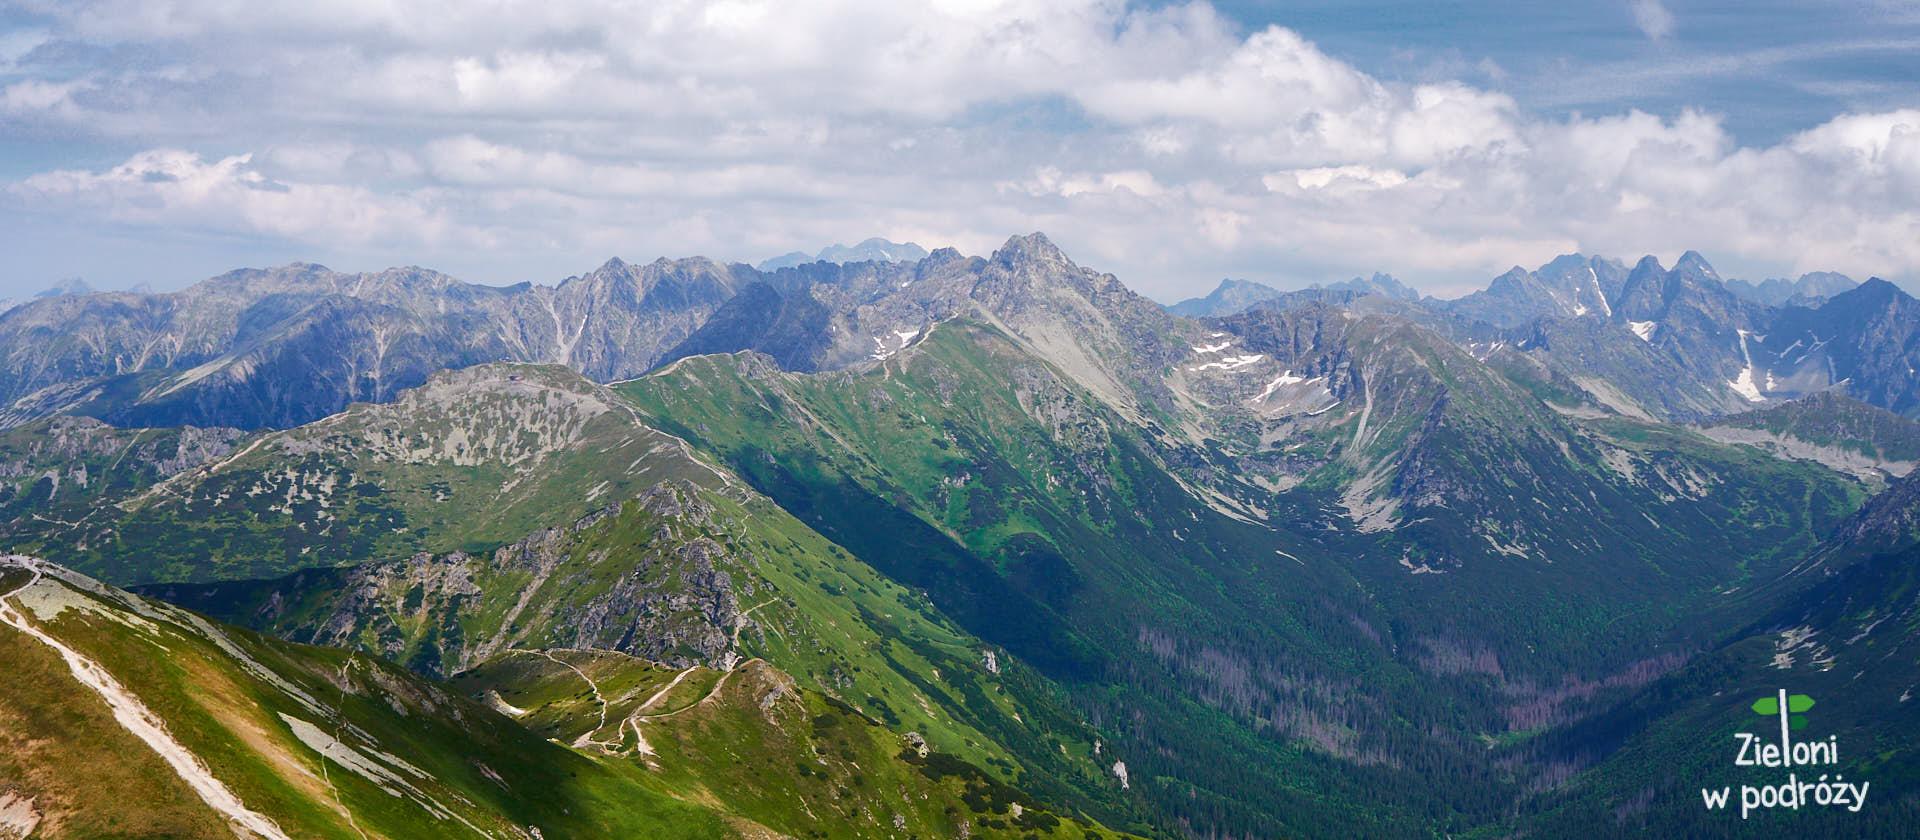 Podpisana panorama z Małołączniaka